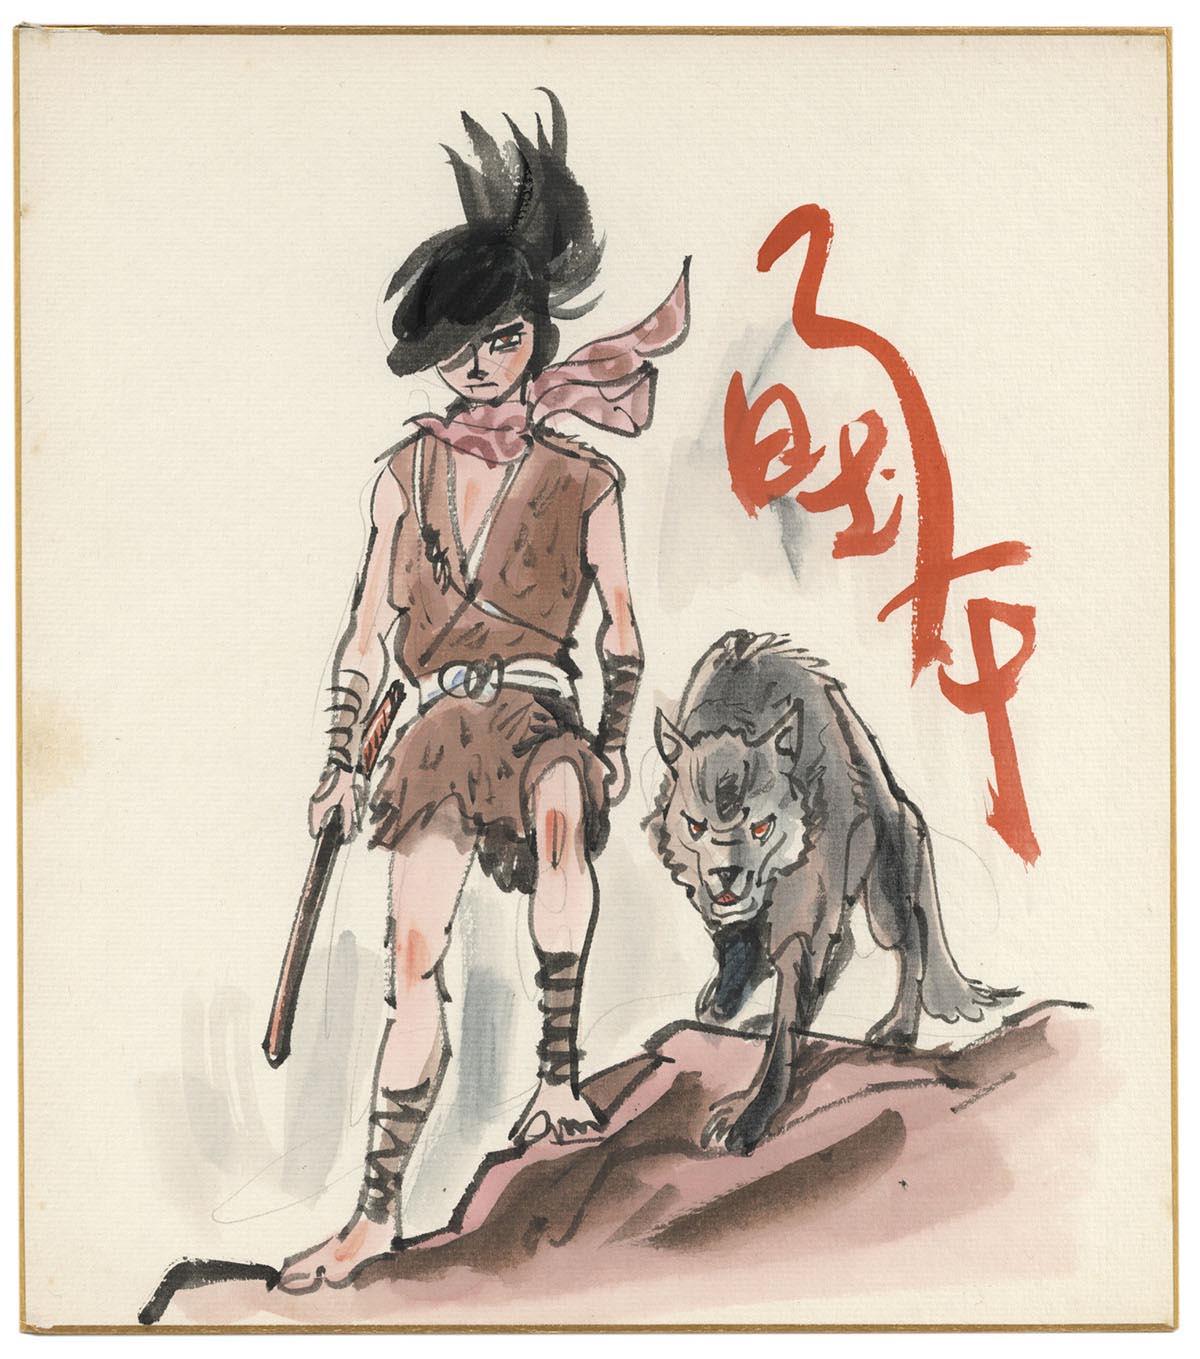 白土三平直筆カラー色紙「カムイ、狼」<br>